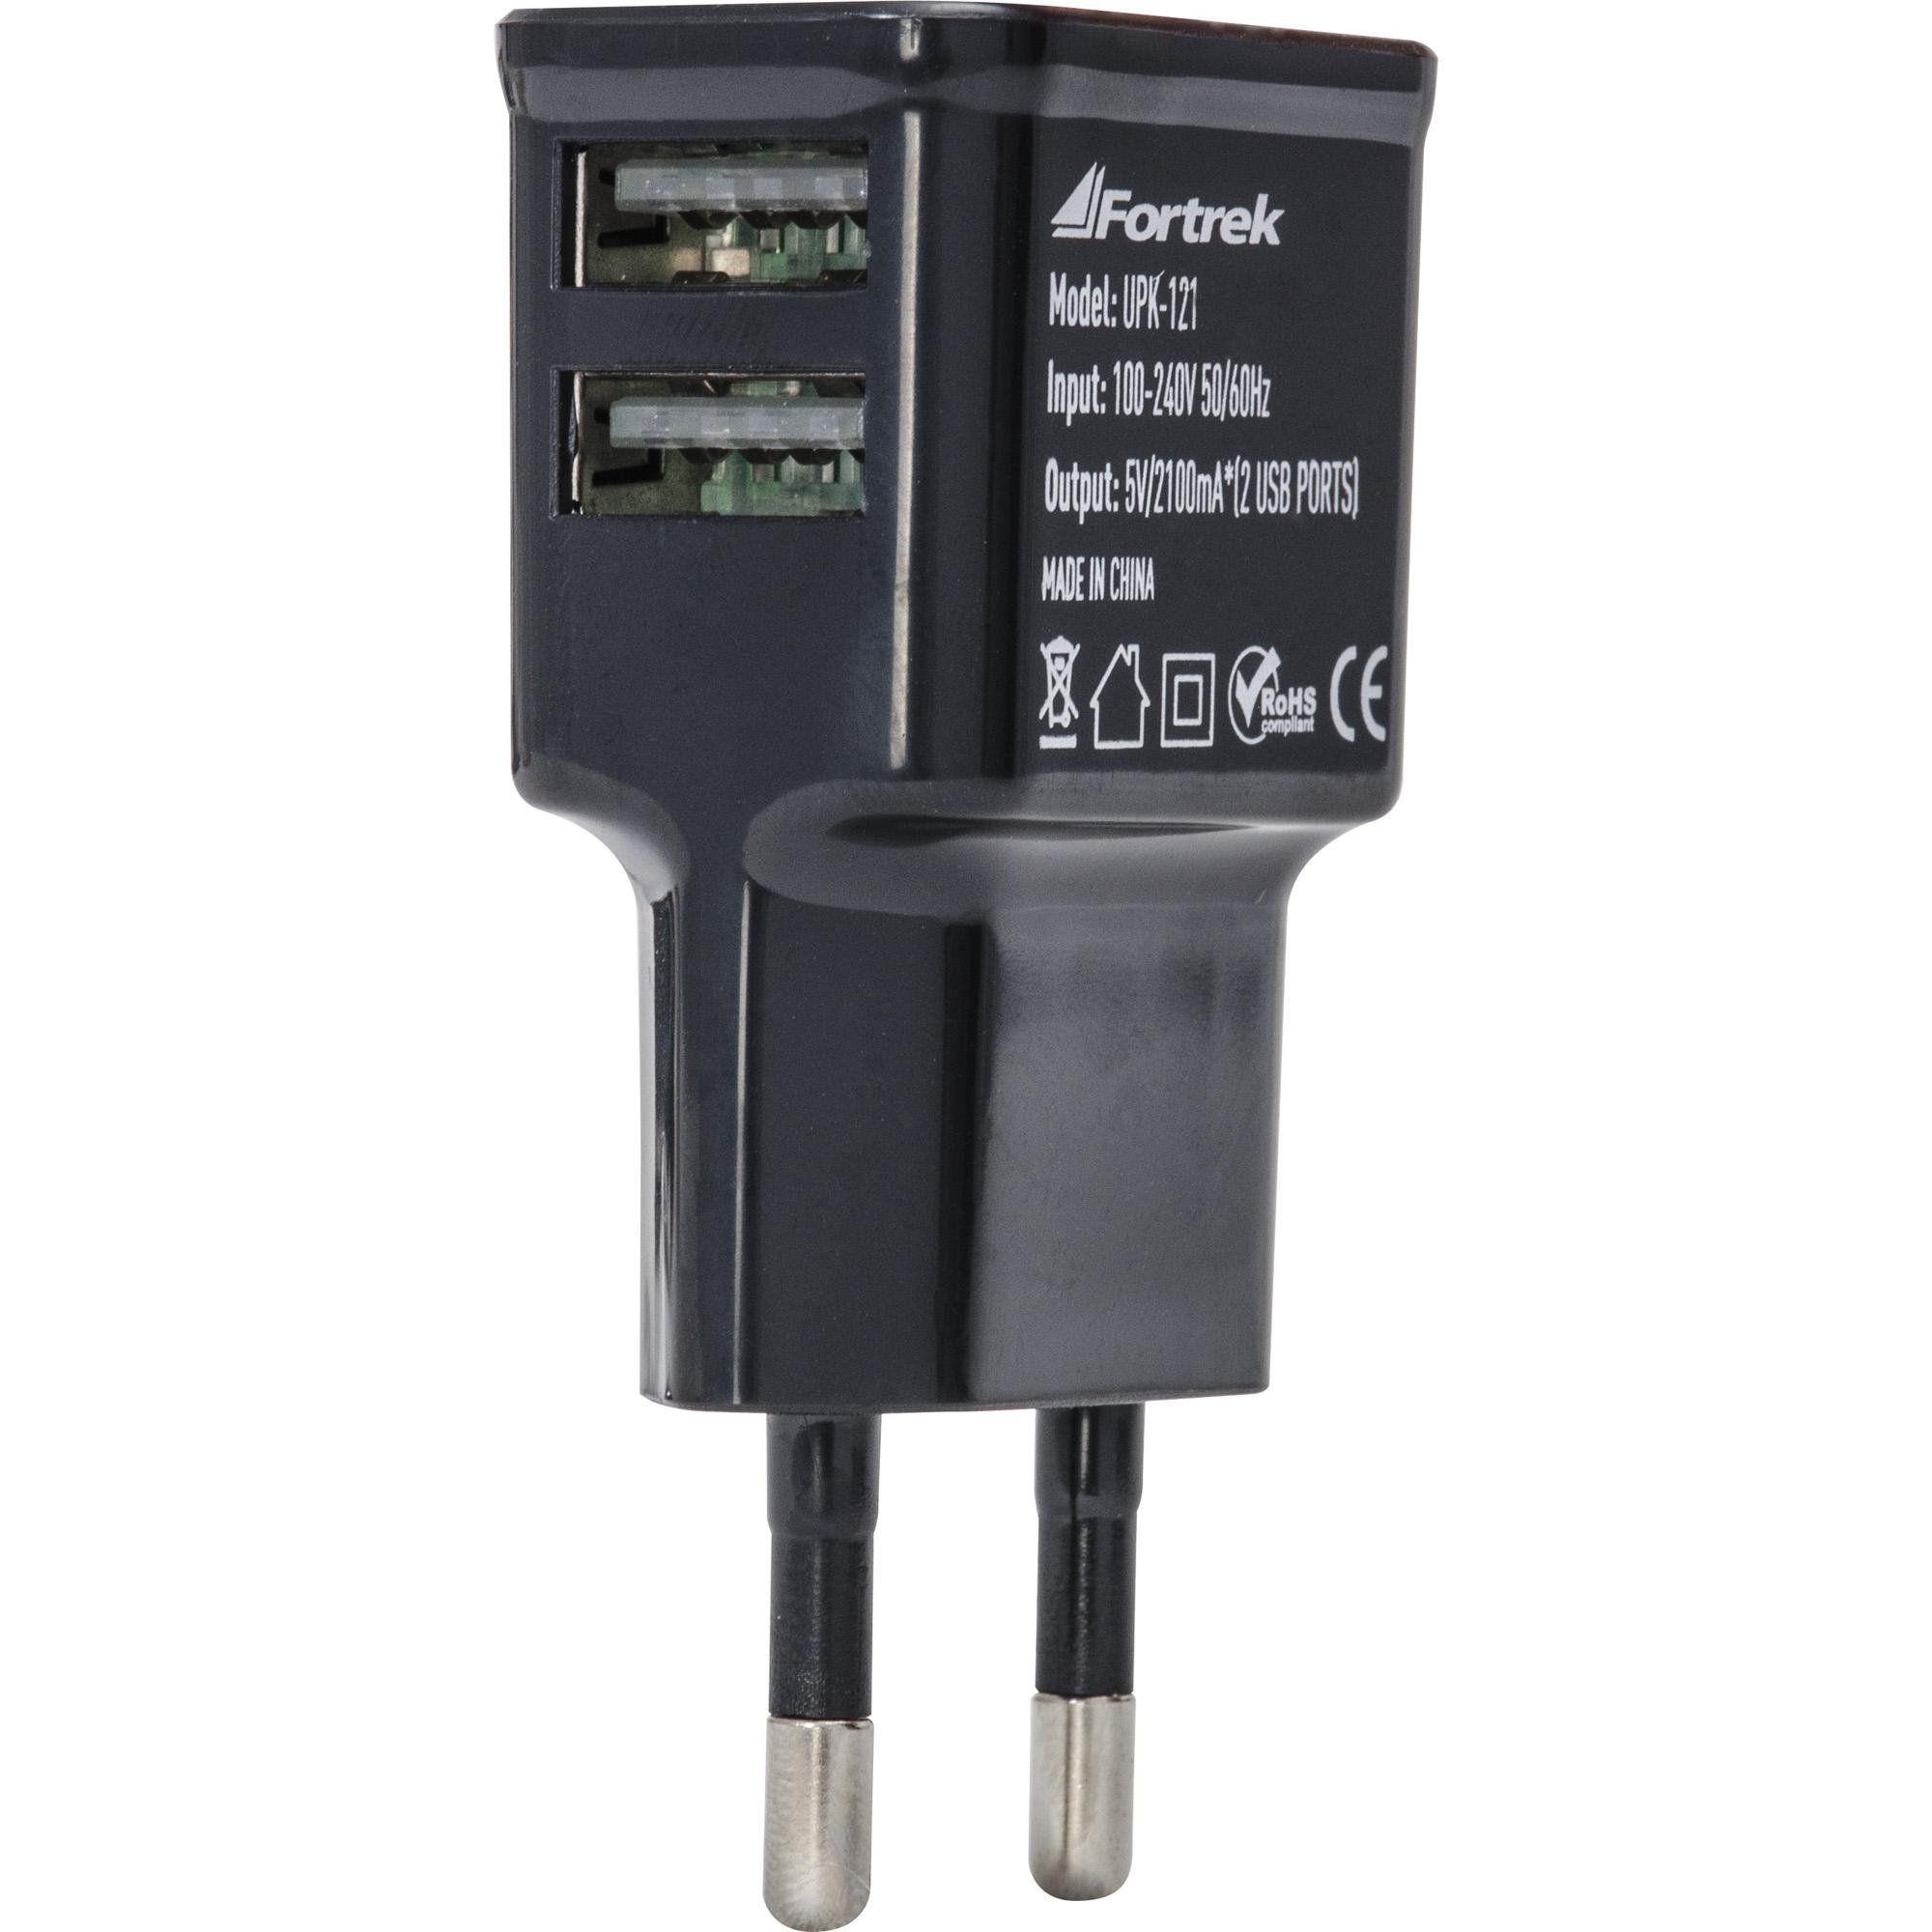 Carregador USB 5V com 2 Portas USB 2.1A UPK-121 Preto 61940 - Fortrek